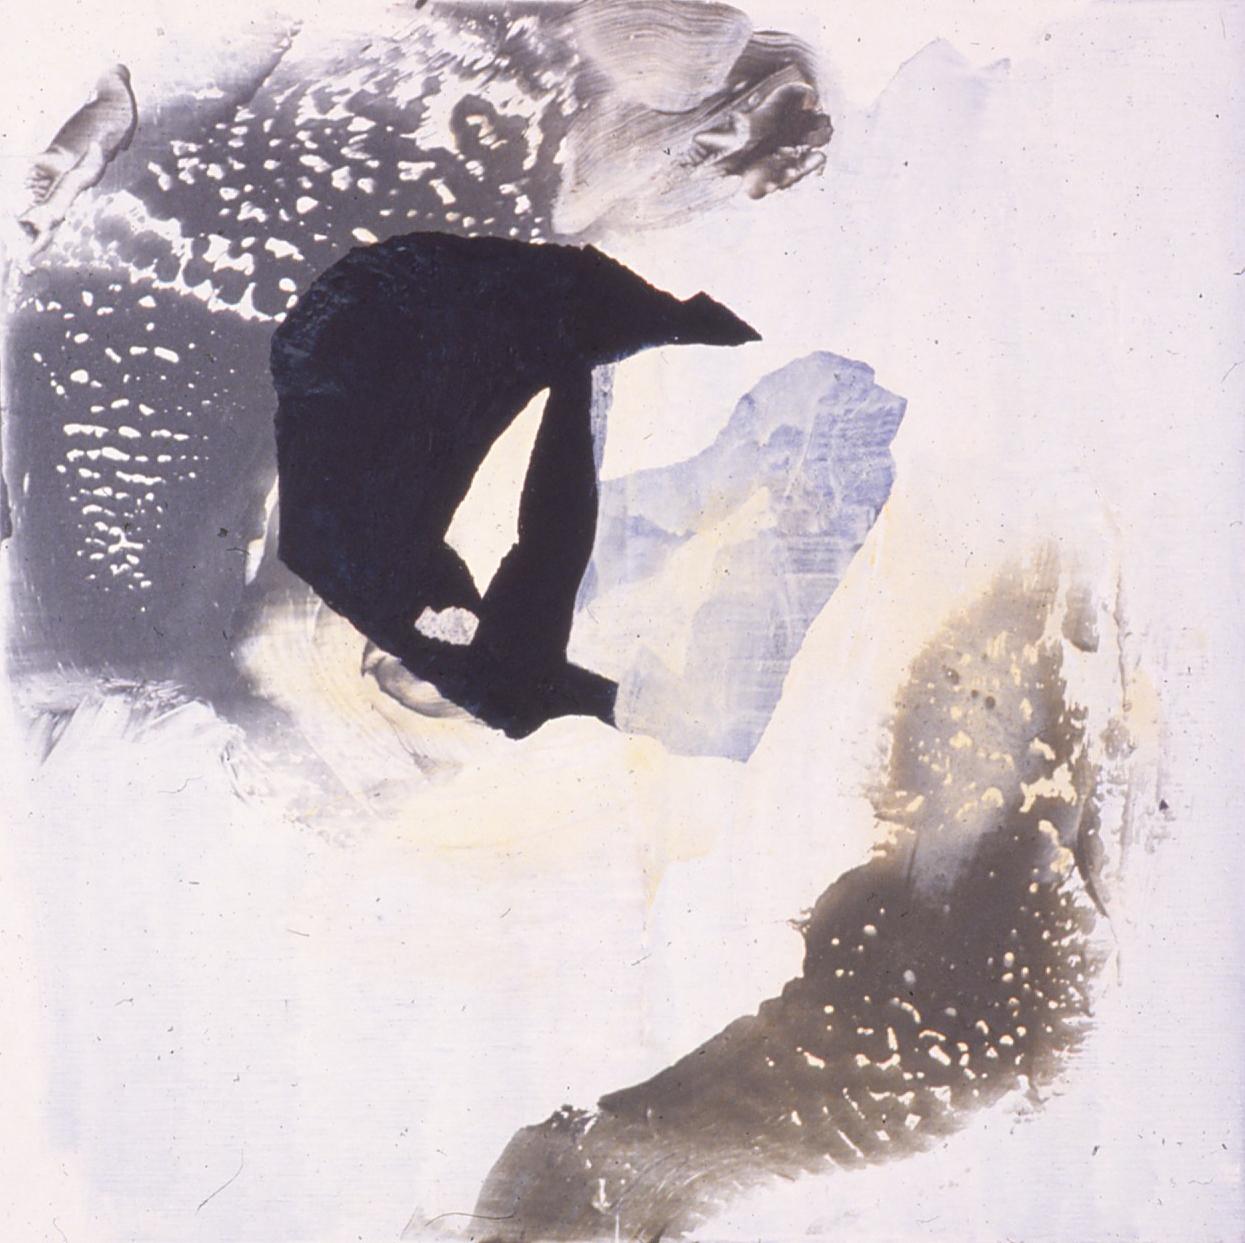 Adraga 3, 1993